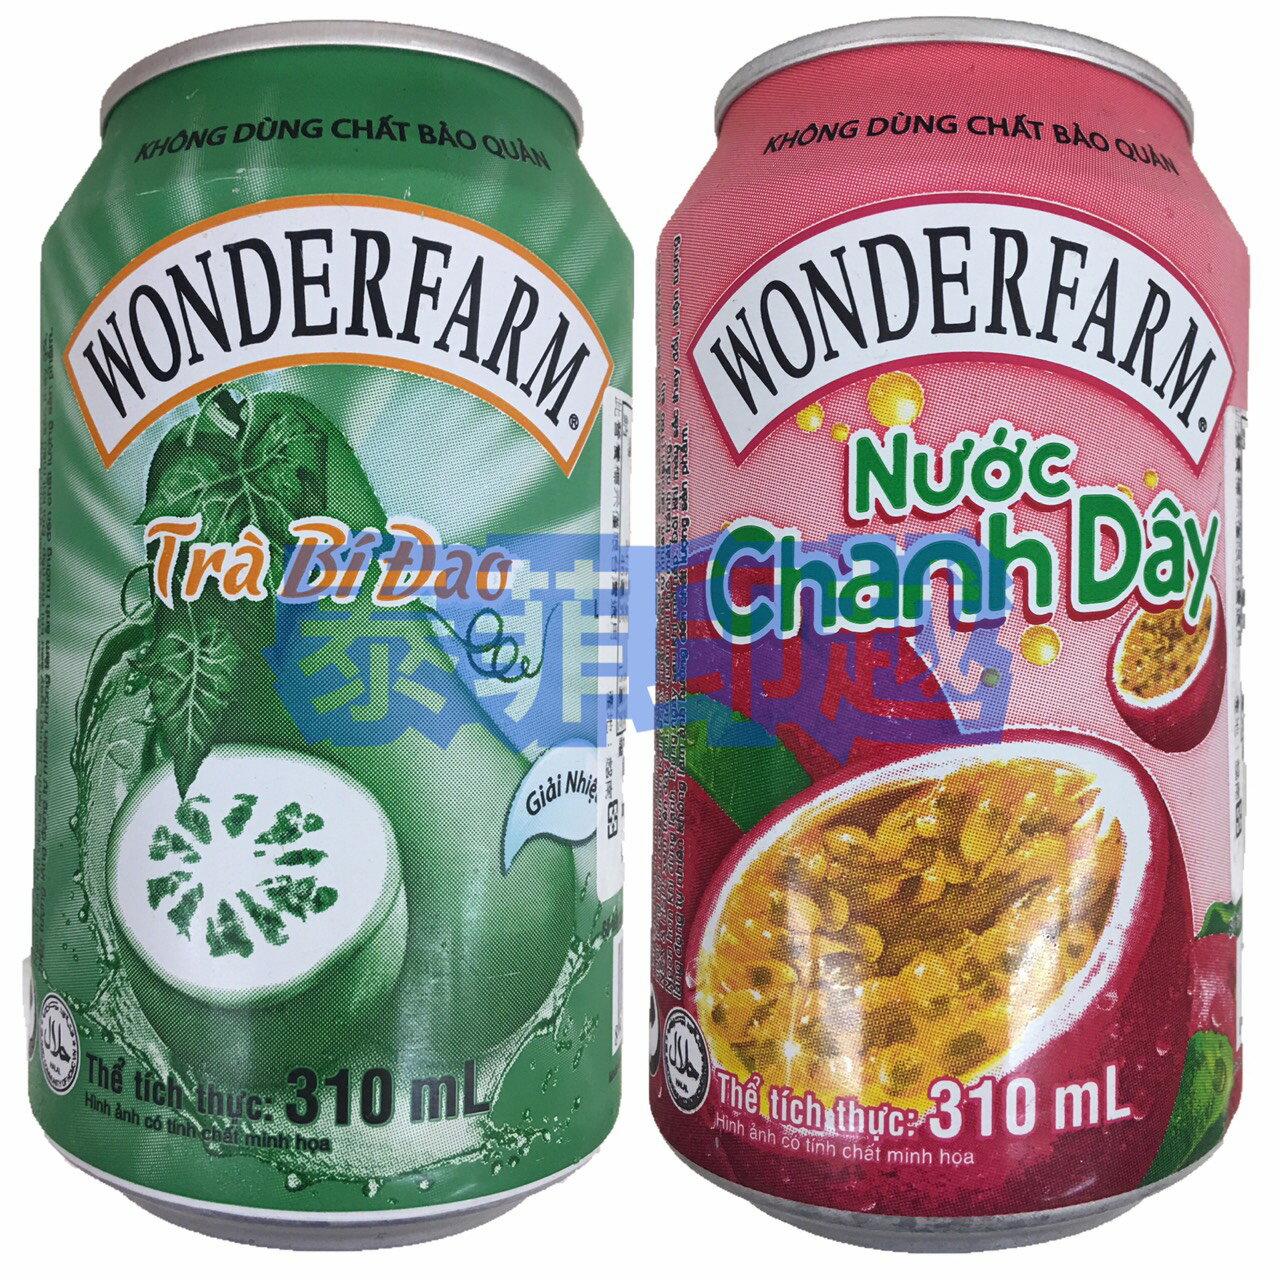 越南 wonderfarm 冬瓜茶 百香果汁